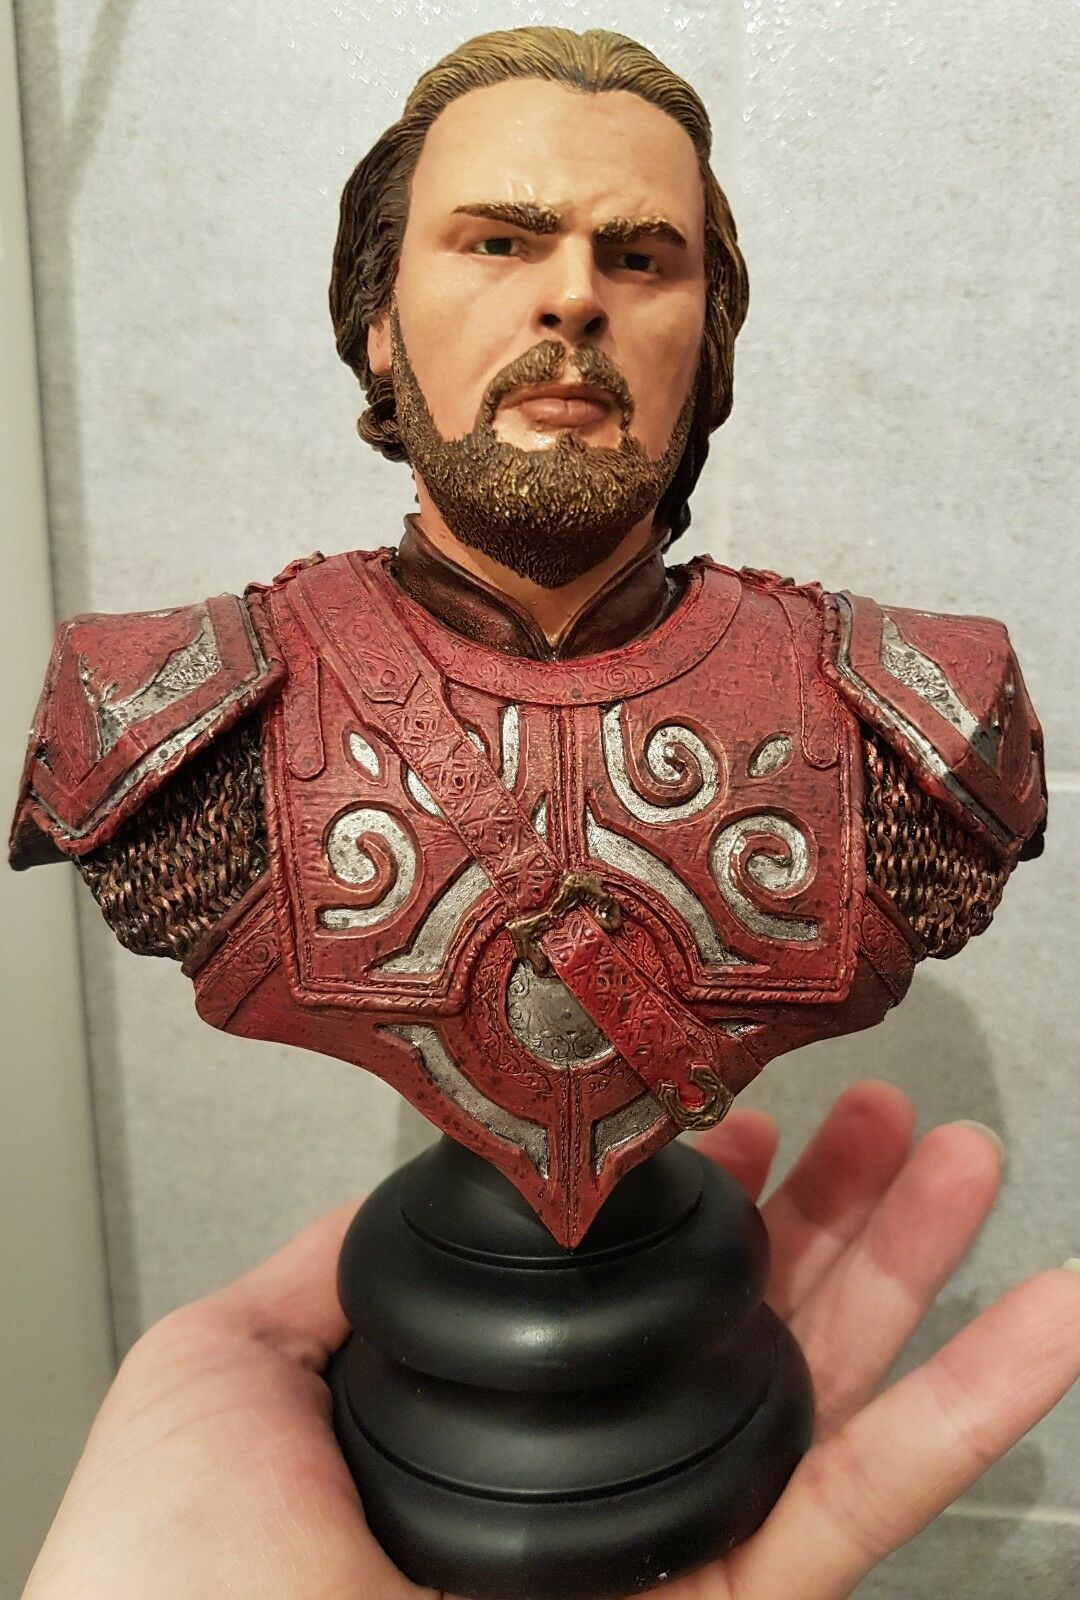 Statua RESINA Busto EOMER Signore degli anelli sideshow 20cm